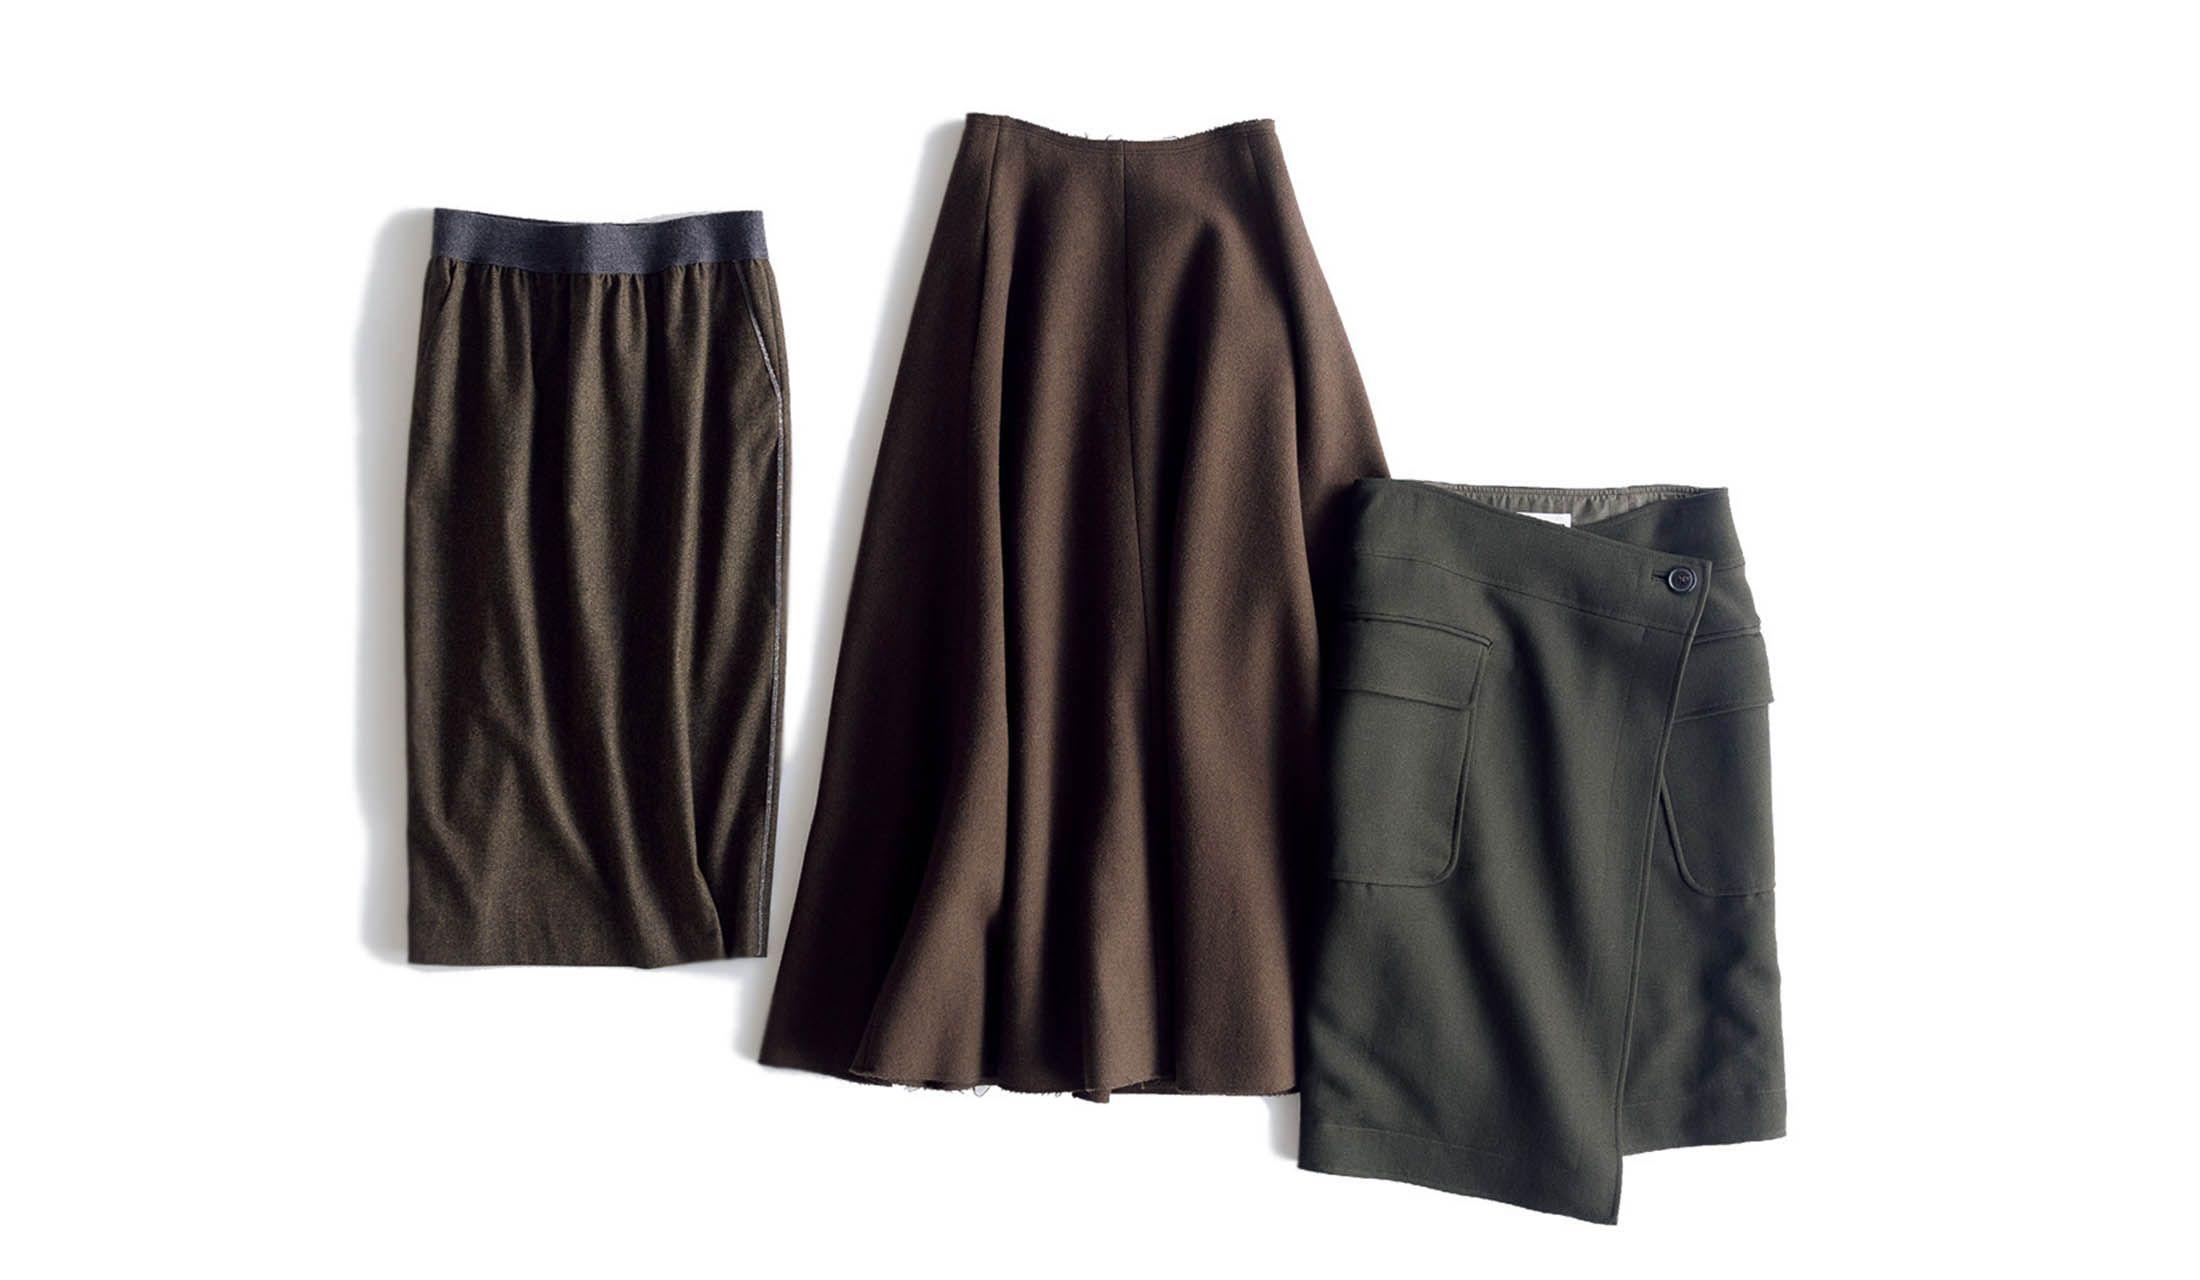 ファビアナフィリッピ、エイトン、アンスクリアのカーキスカート